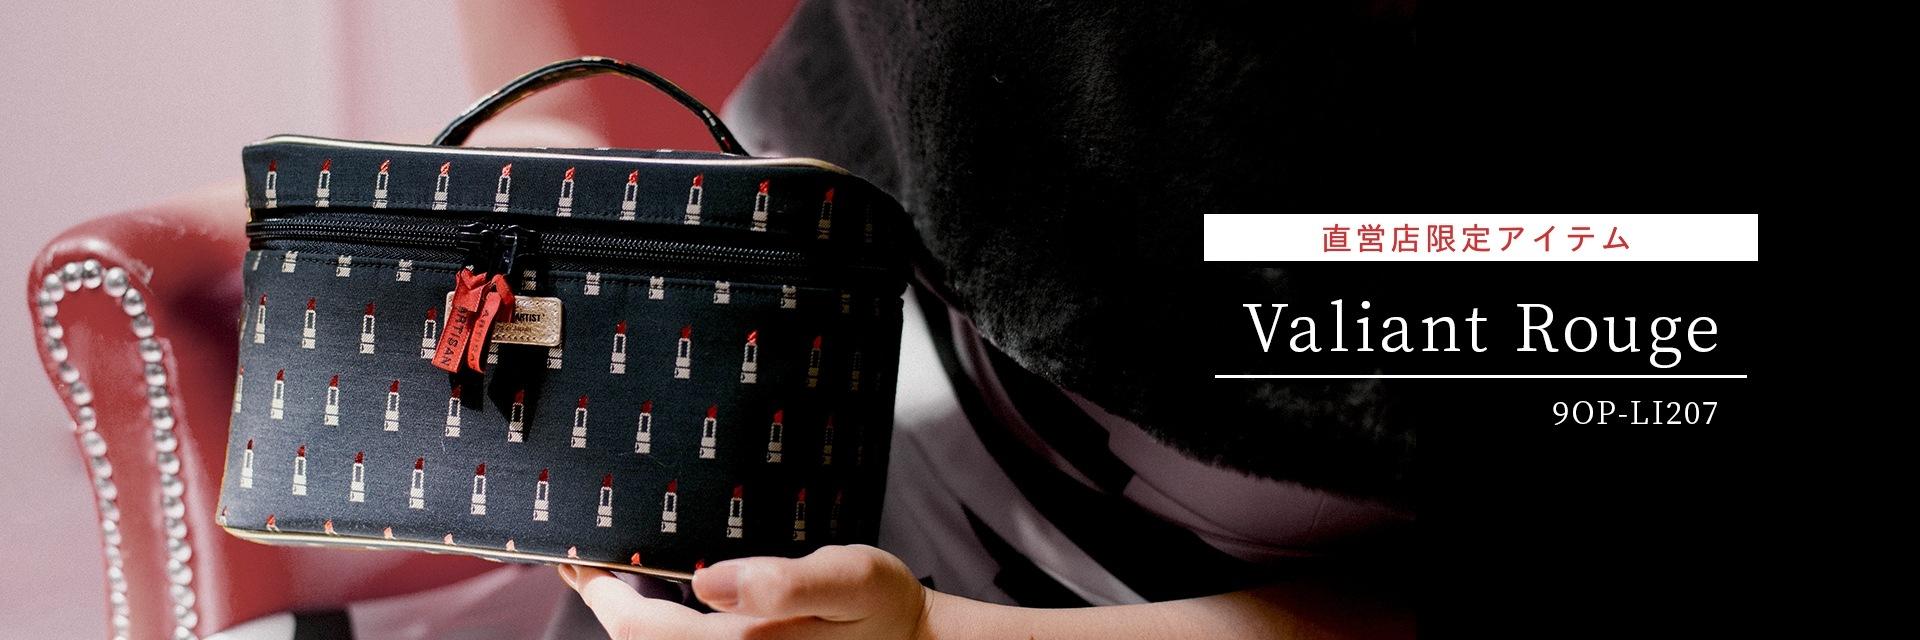 直営オンラインショップ限定品 Valiant Rouge ヴァリアント・ルージュ